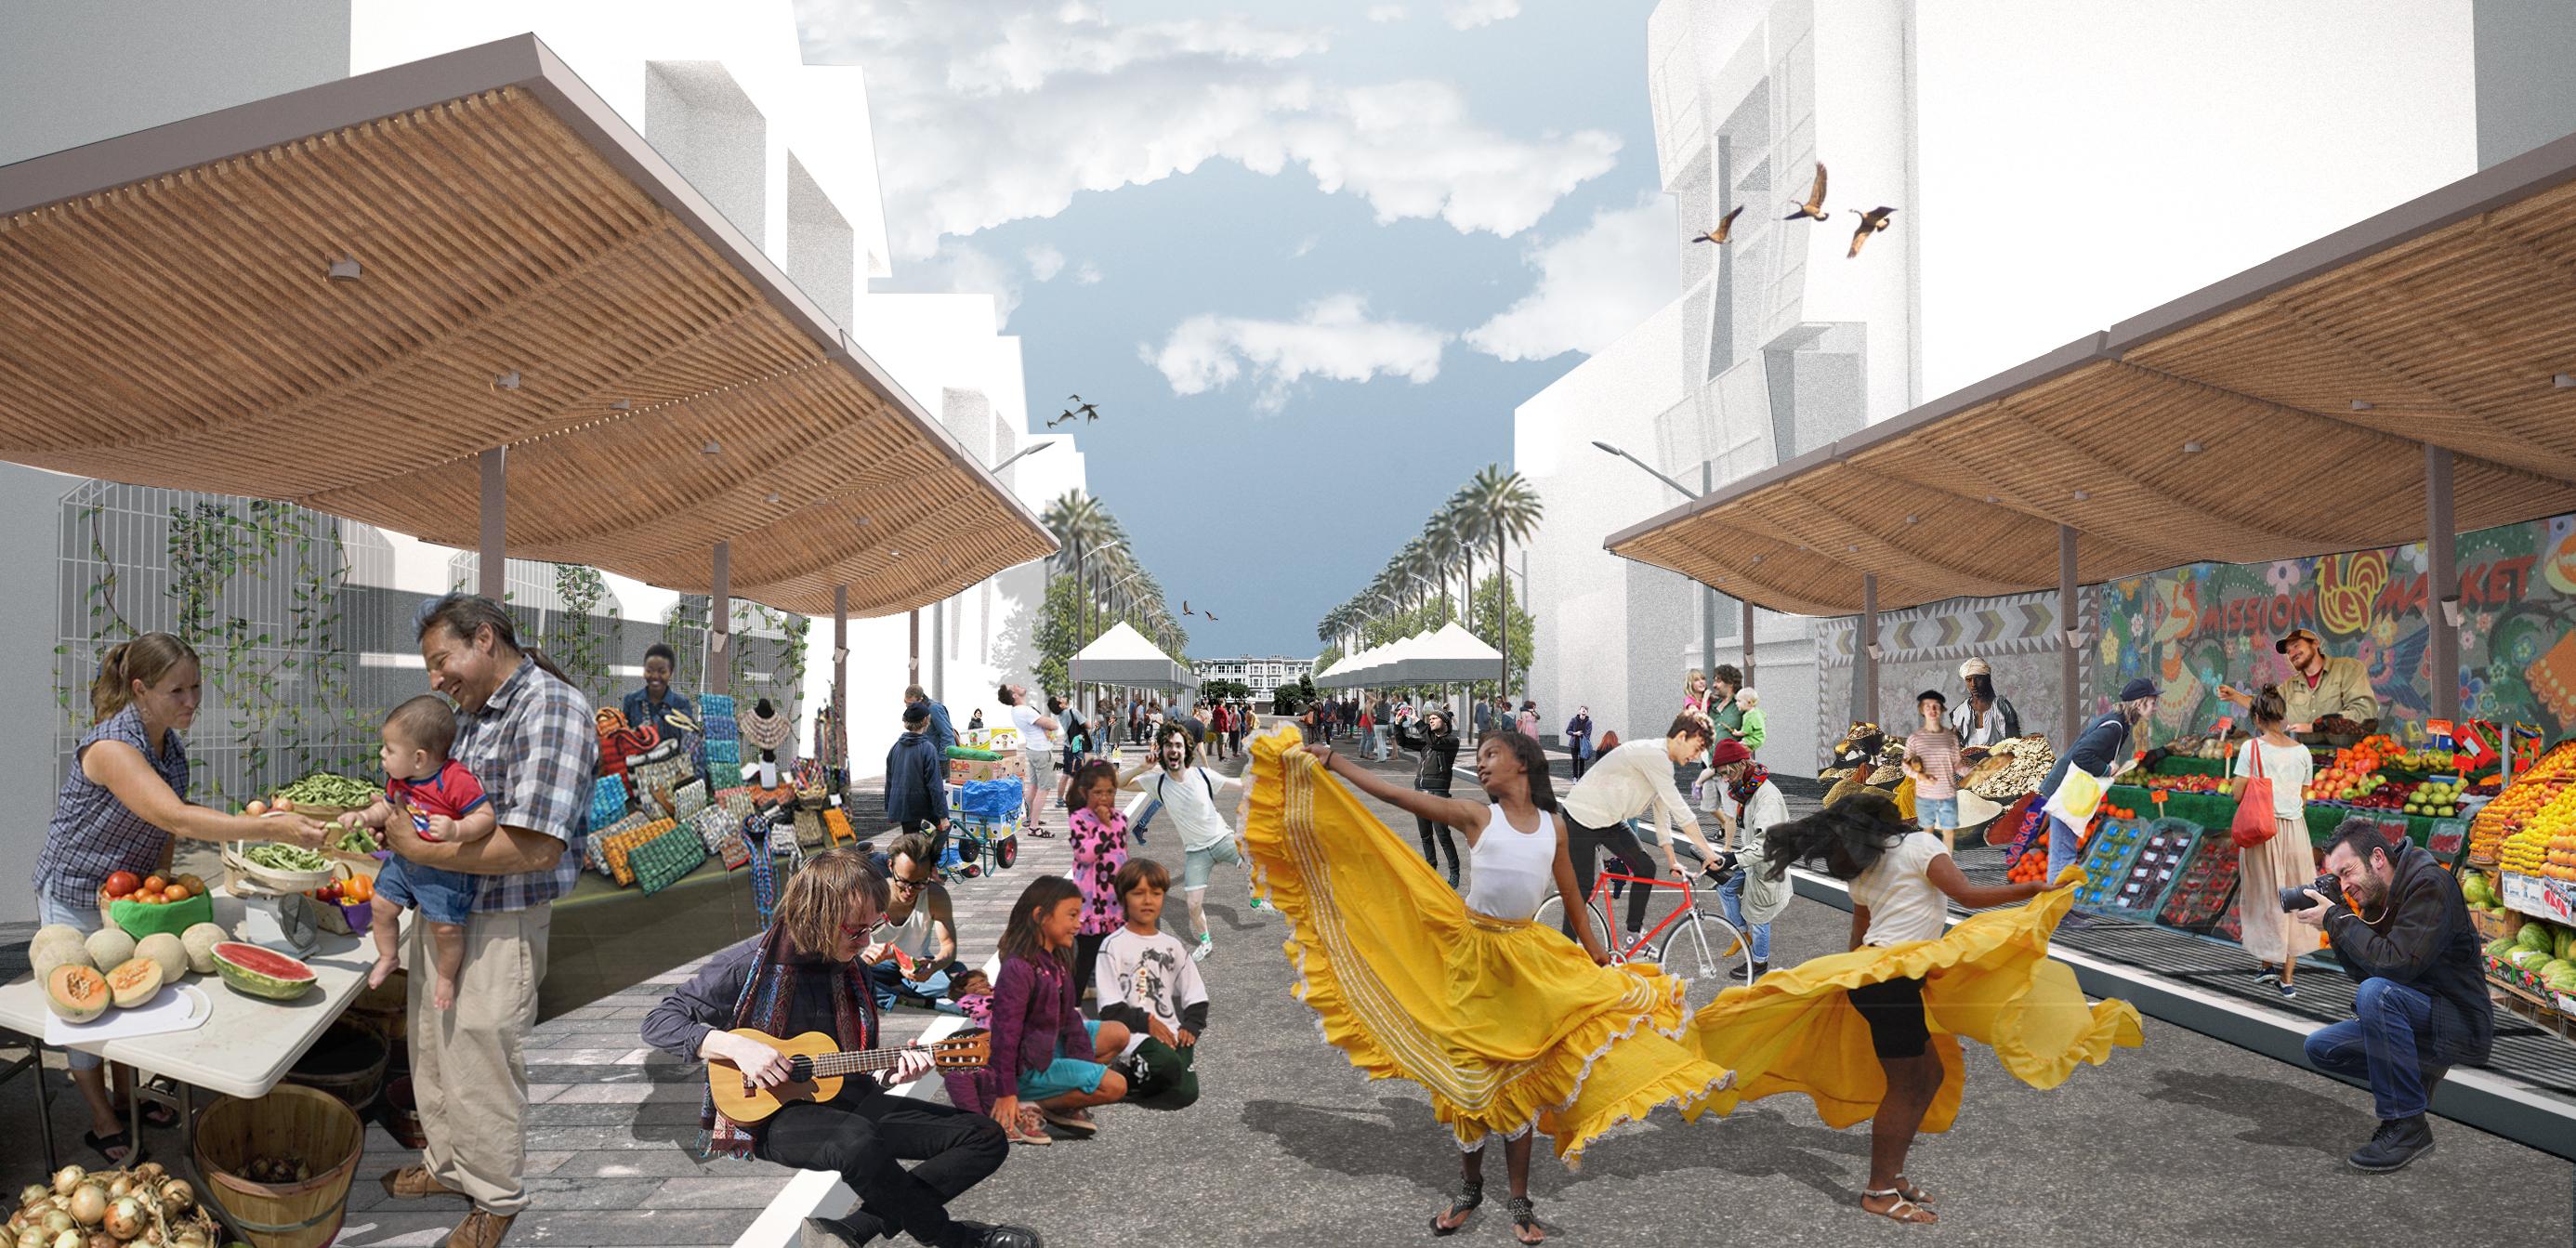 Day Market